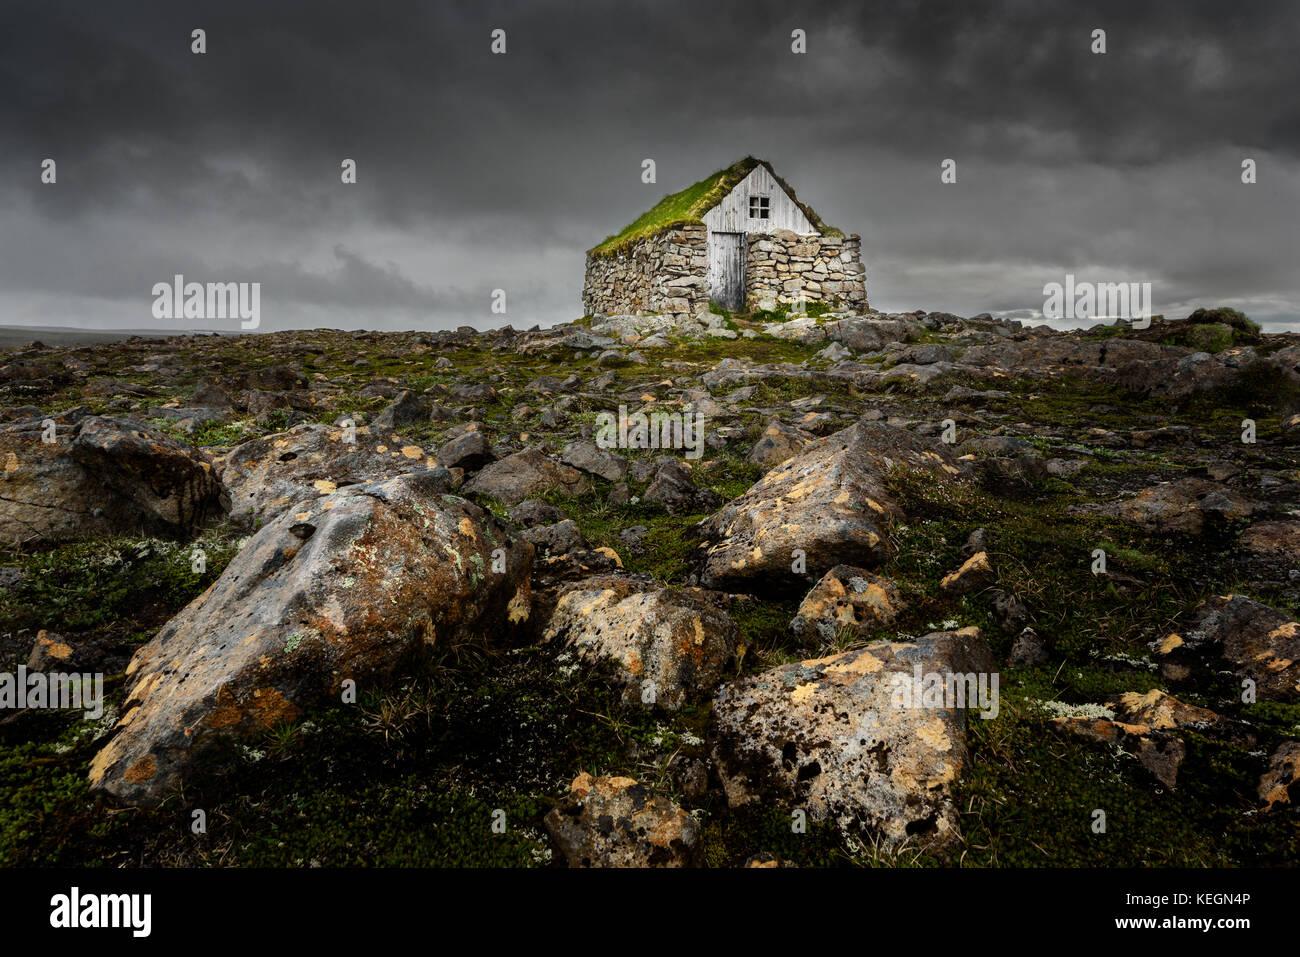 Un tradionell dans le logement de l'Islande Westfjords. Photo Stock